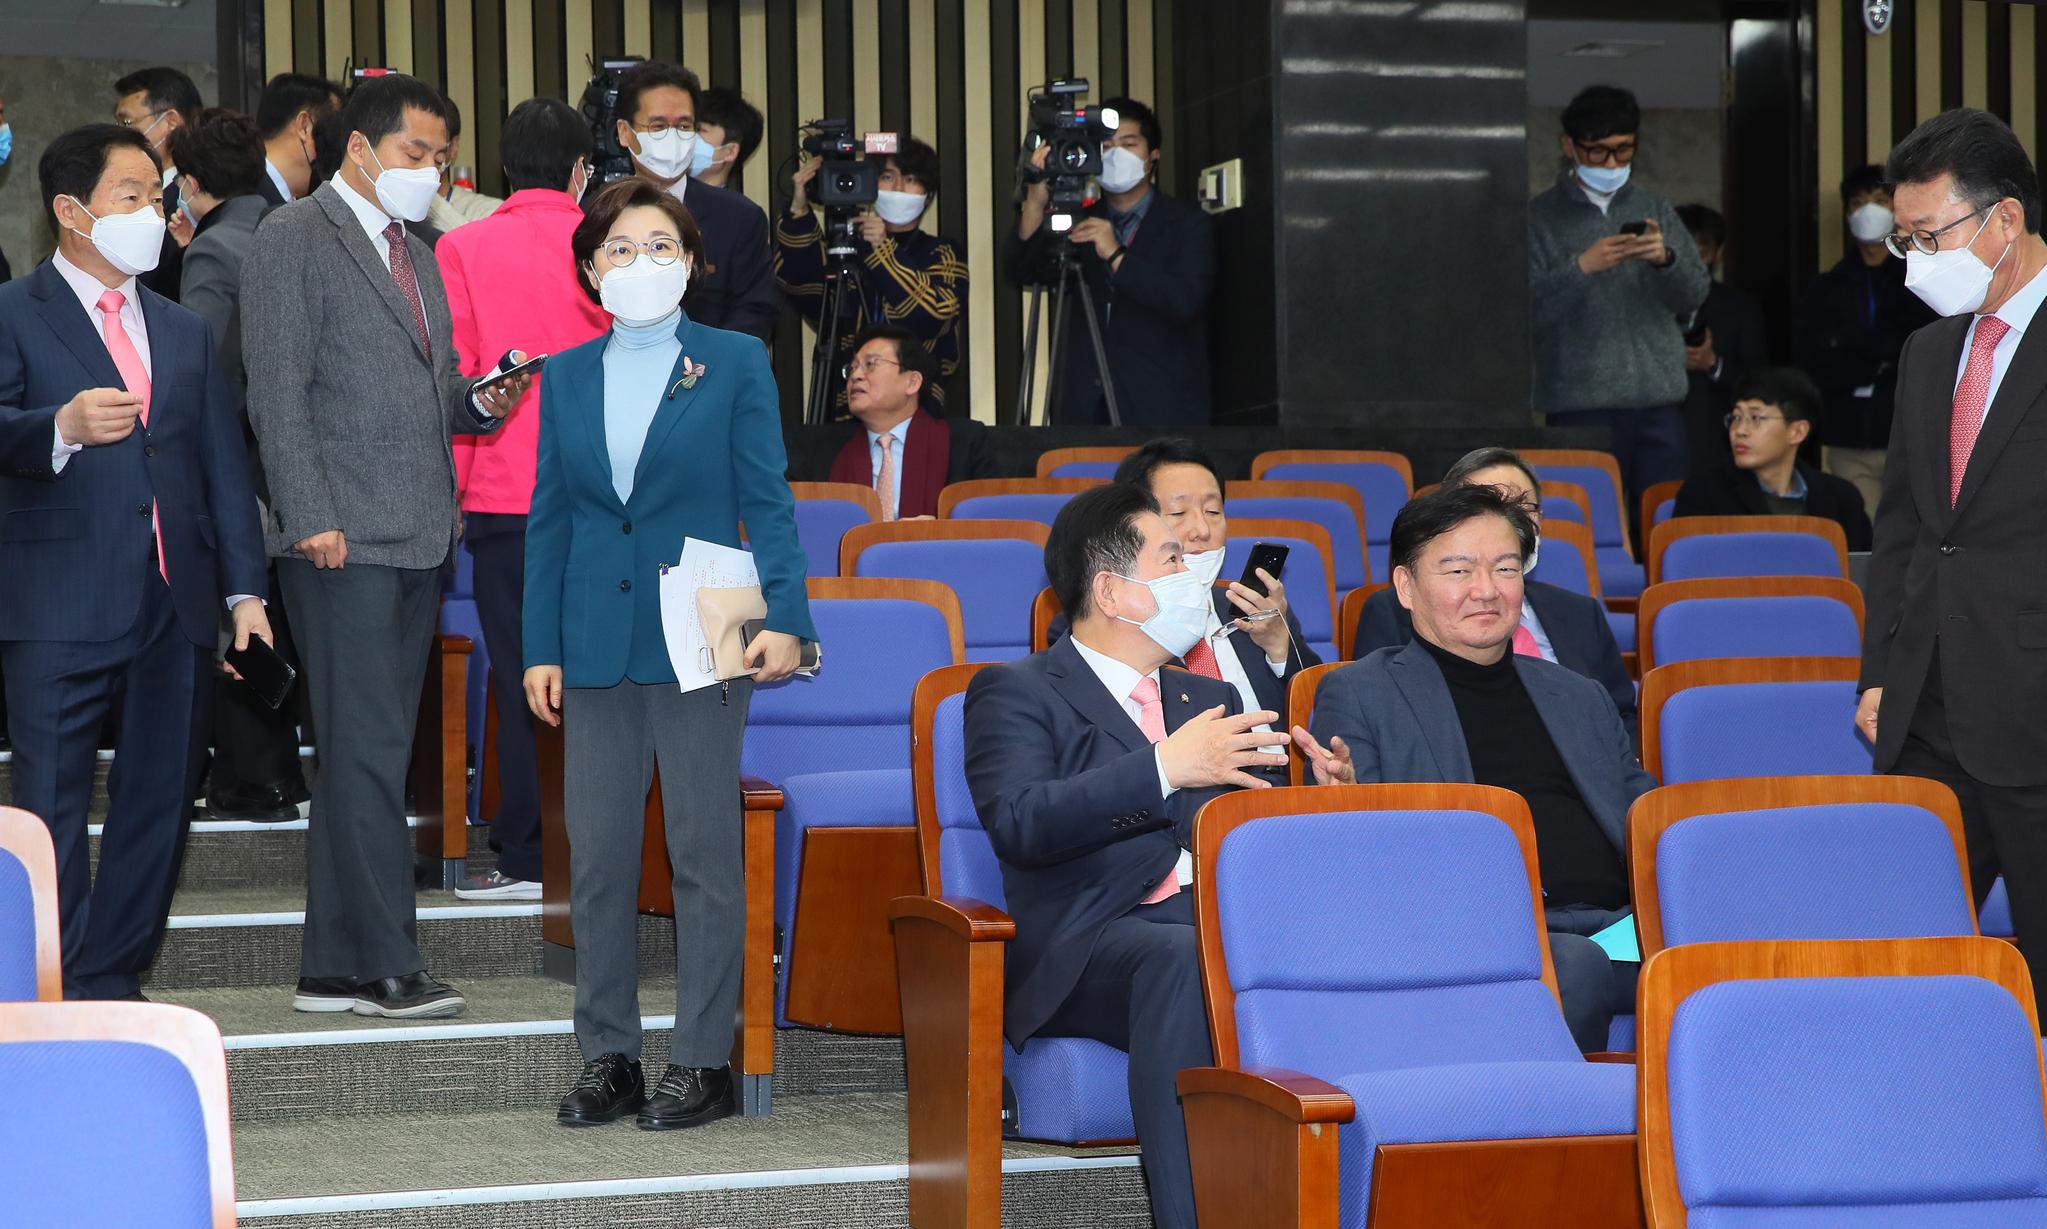 '코로나19' 여파로 미래통합당 의원총회가 연기된 24일 국회에서 통합당 의원들이 마스크를 쓴 채 이야기를 나누고 있다. 연합뉴스